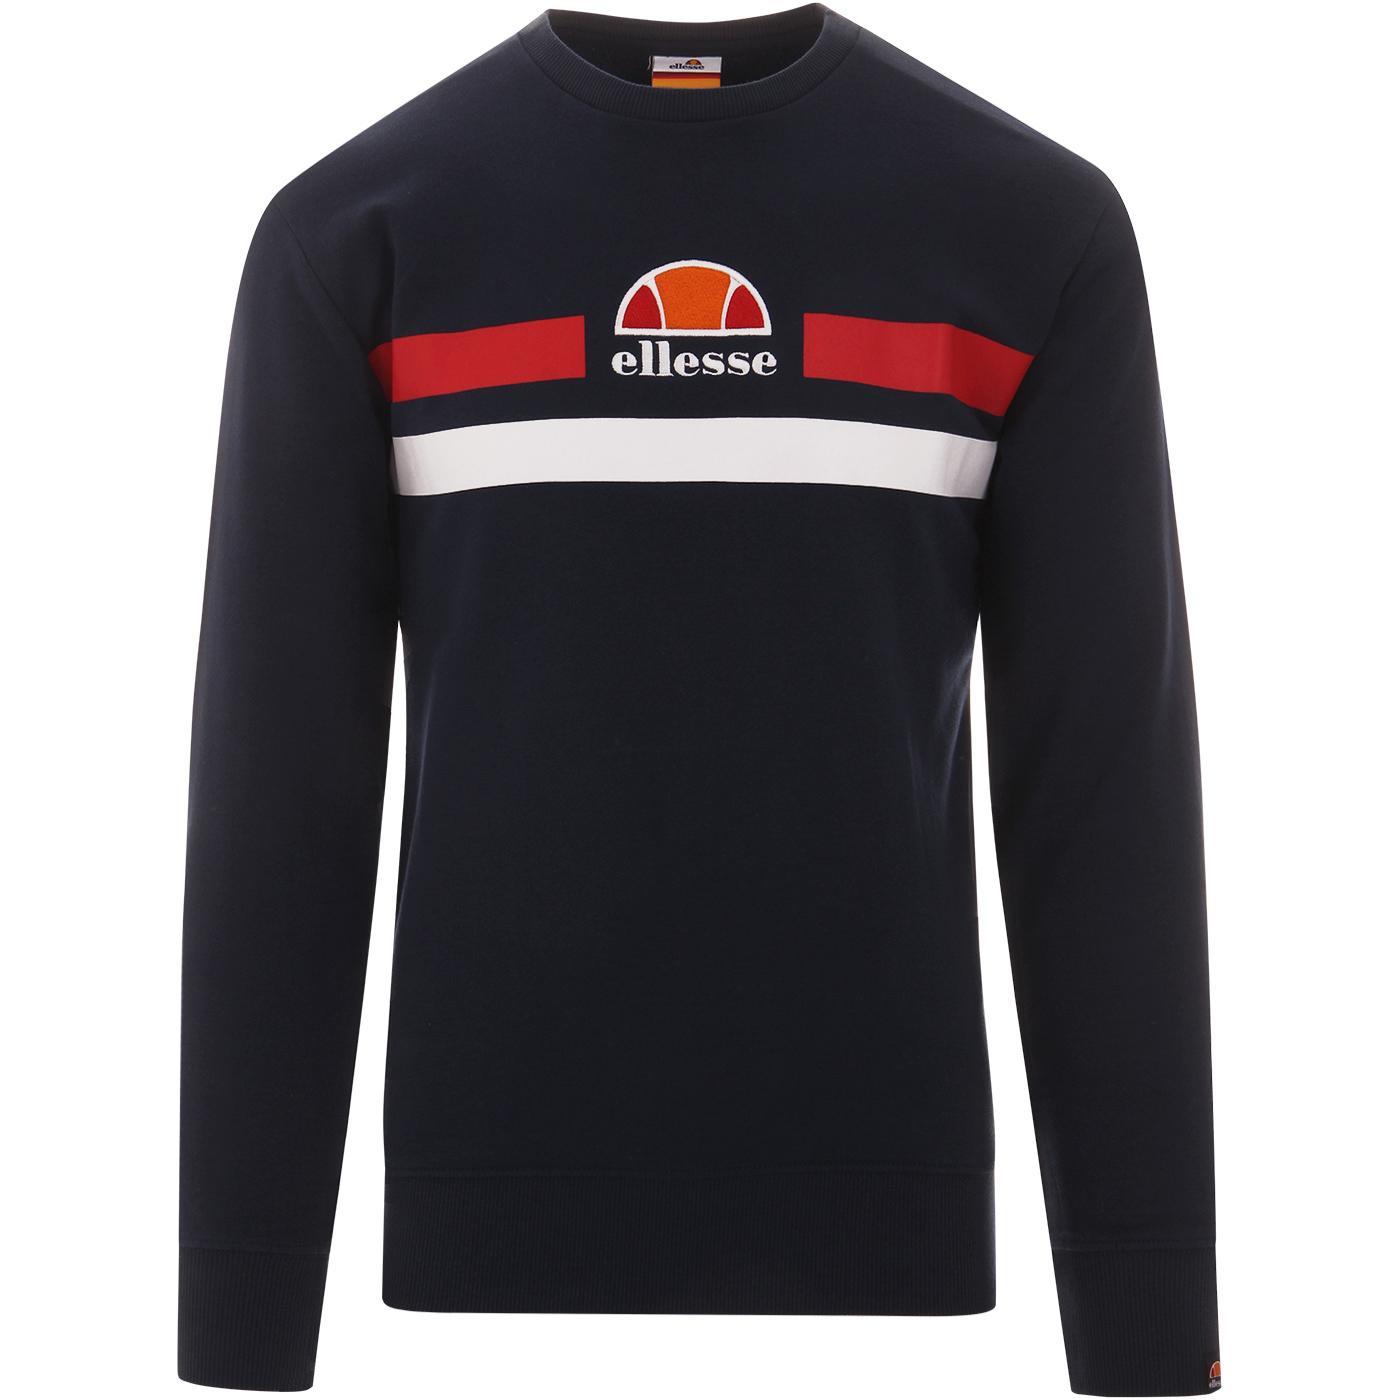 Vete ELLESSE Men's Retro Eighties Sweatshirt NAVY